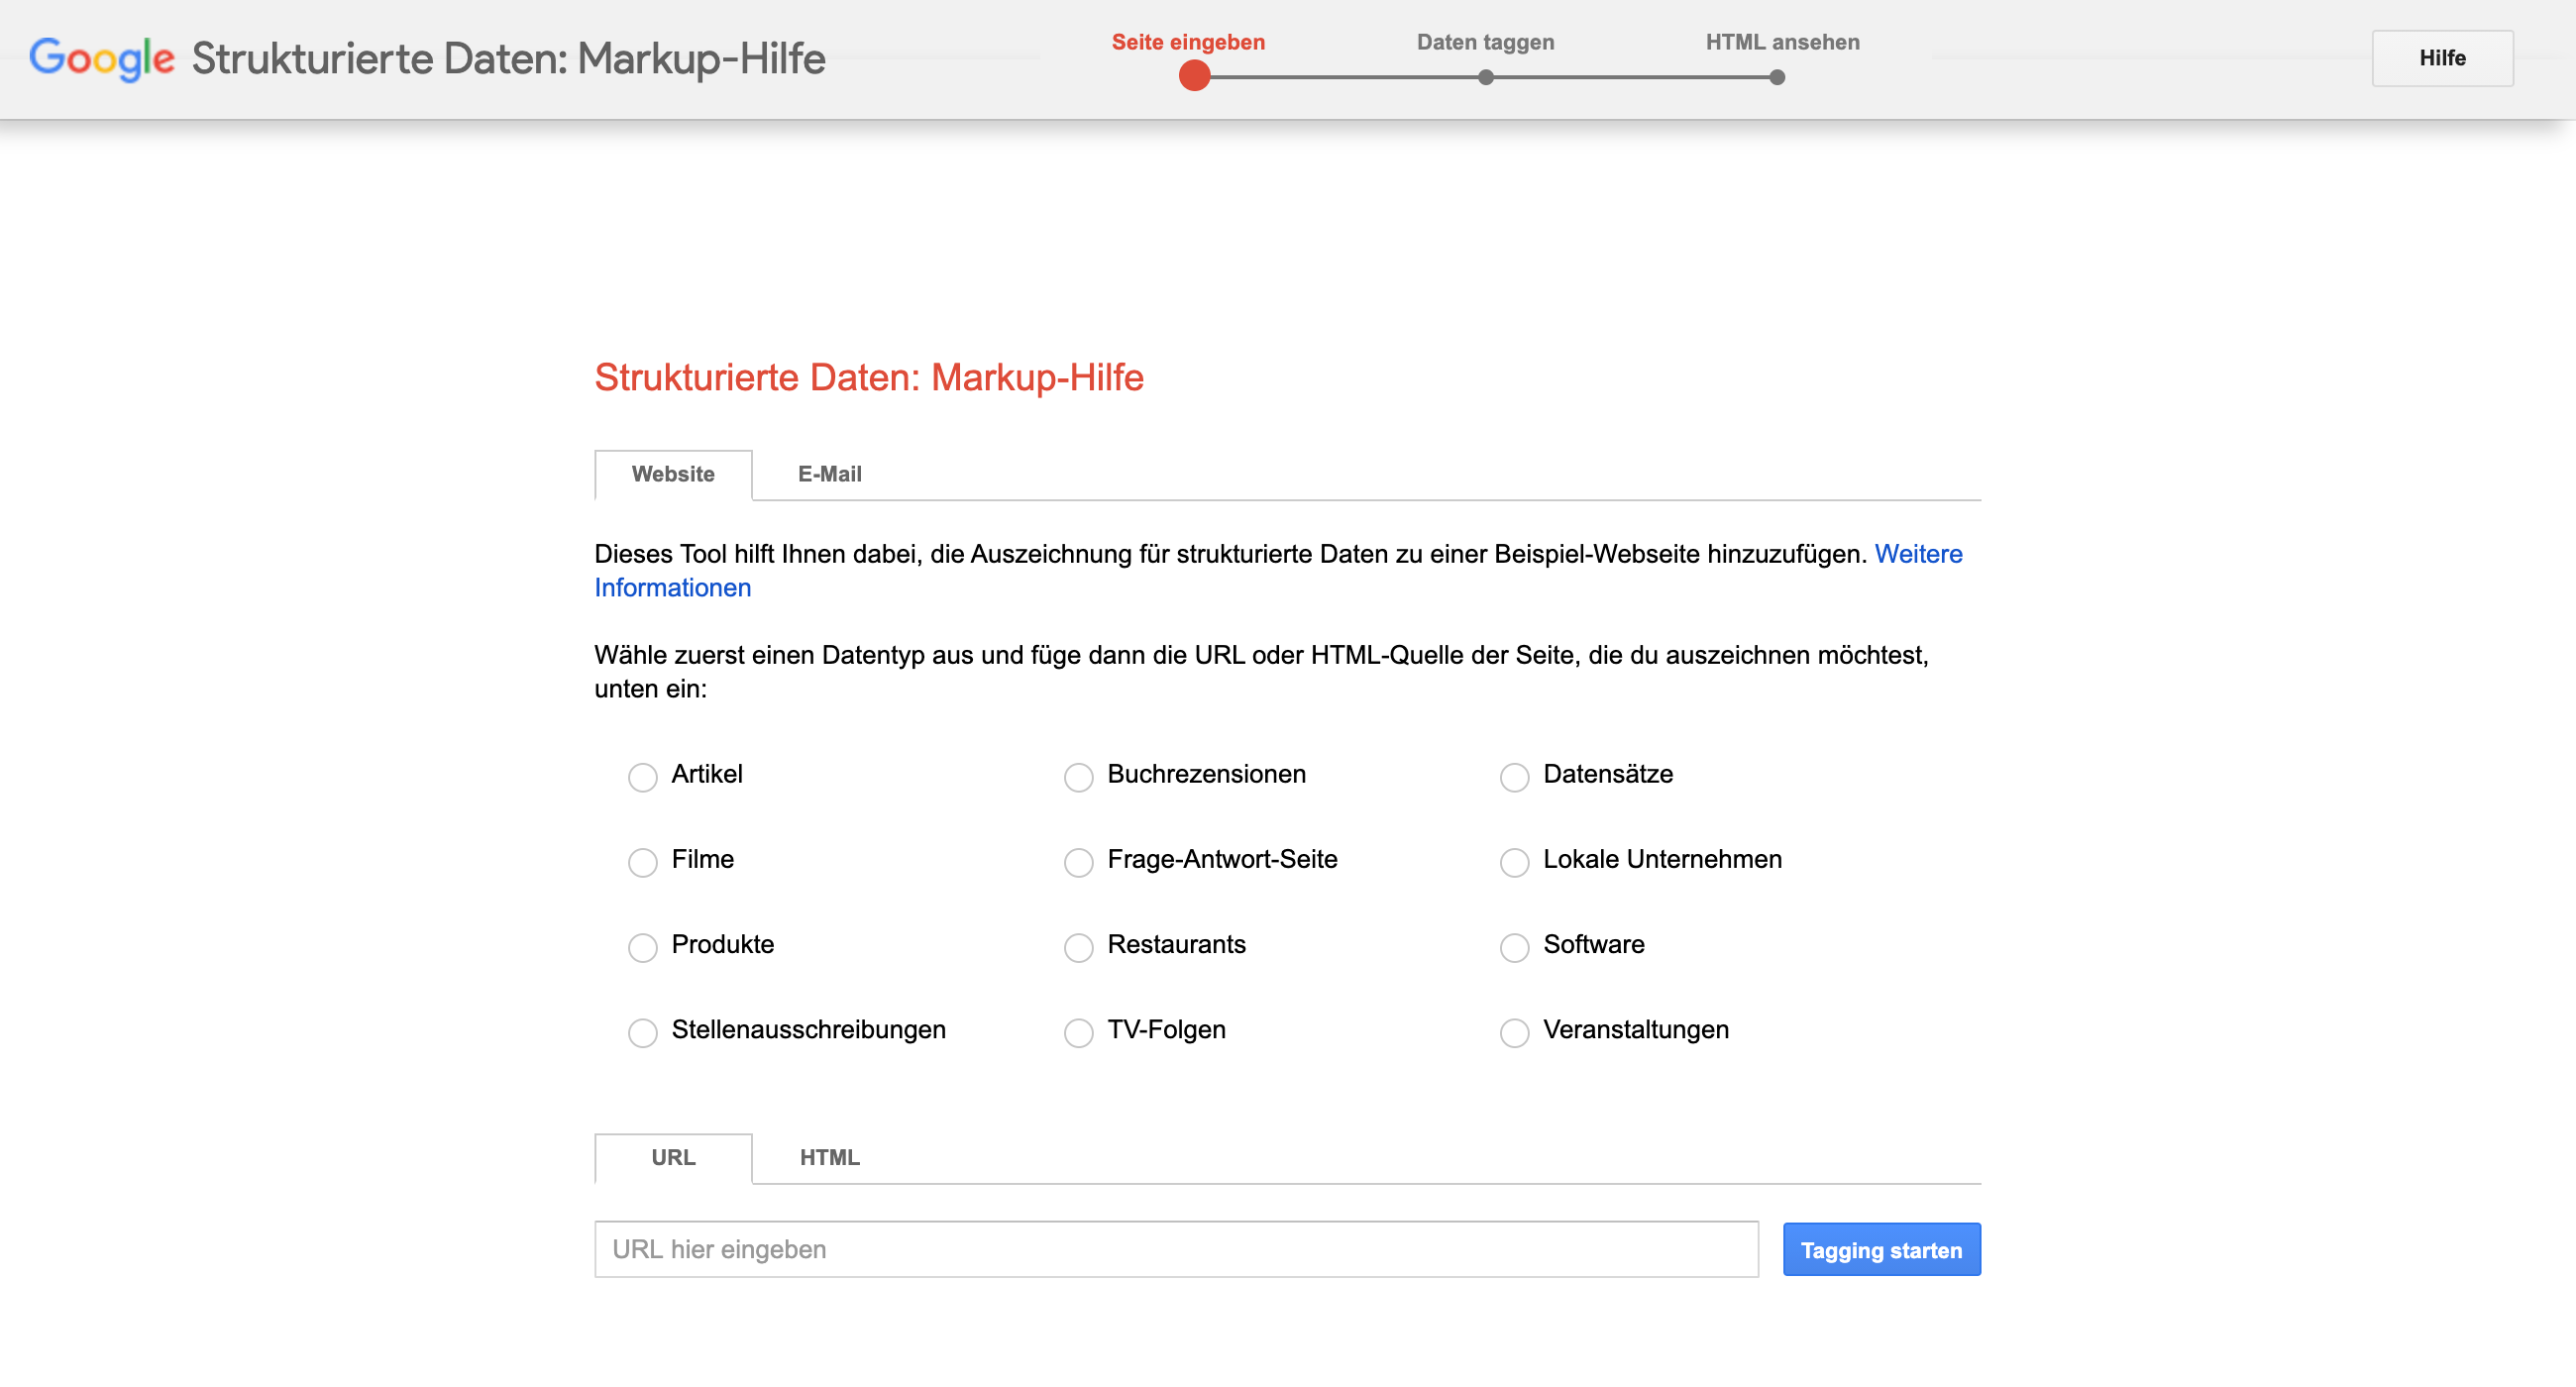 Screenshot der Markup-Hilfe für Strukturierte Daten von Google.